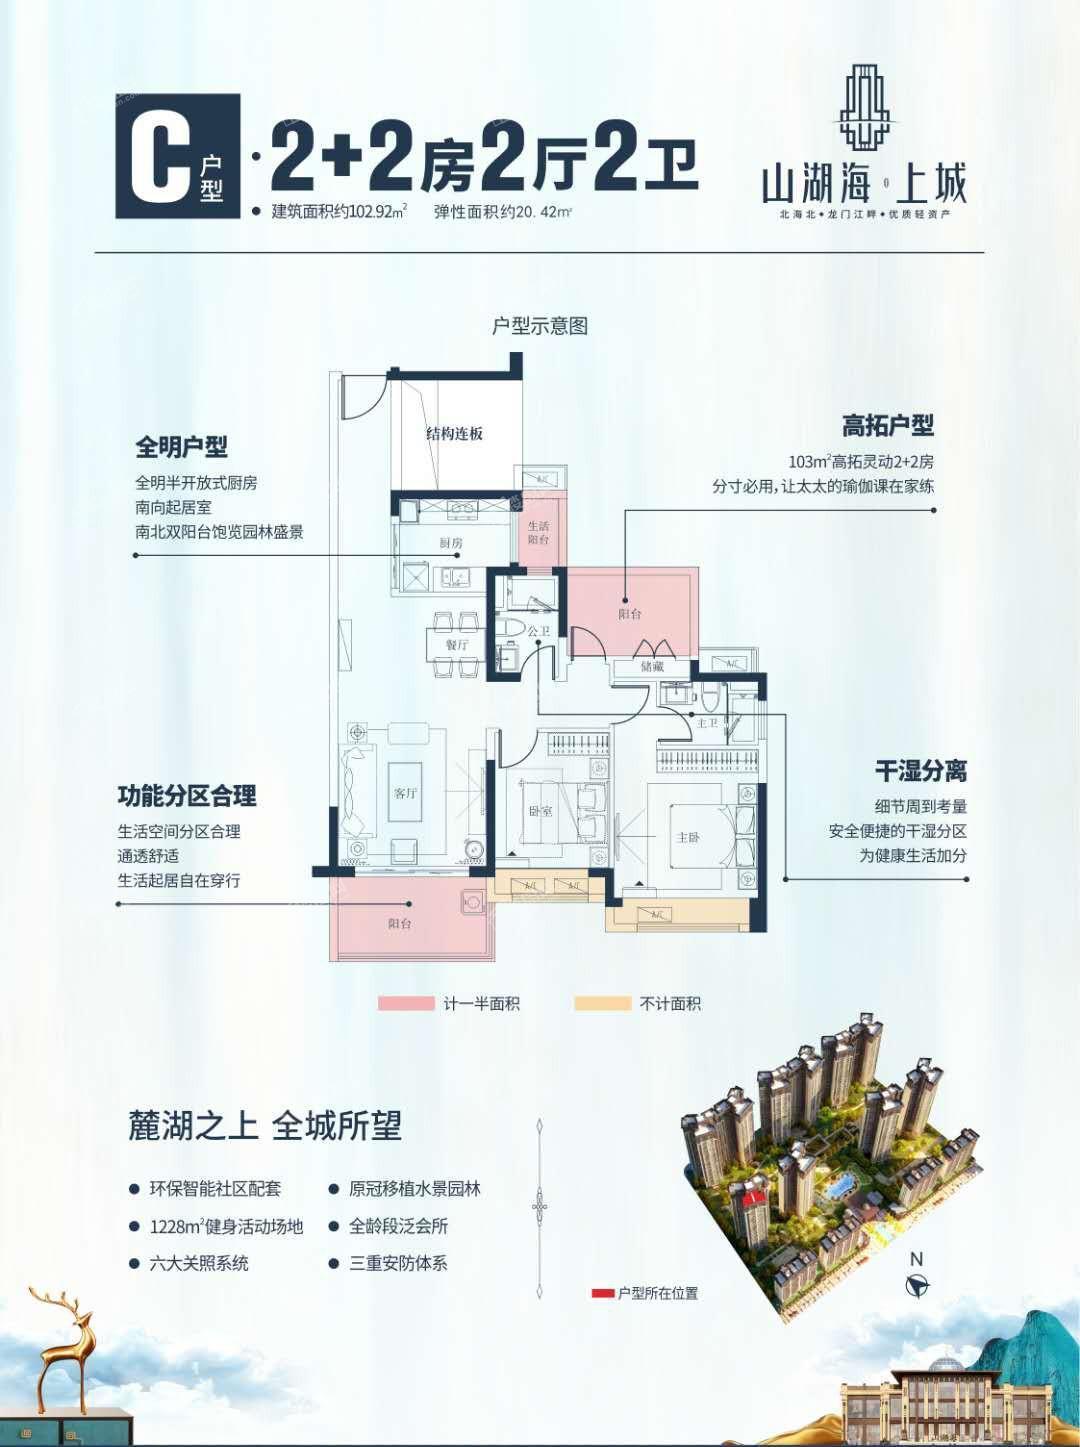 合浦山湖海上城C户型2+2房两厅两卫